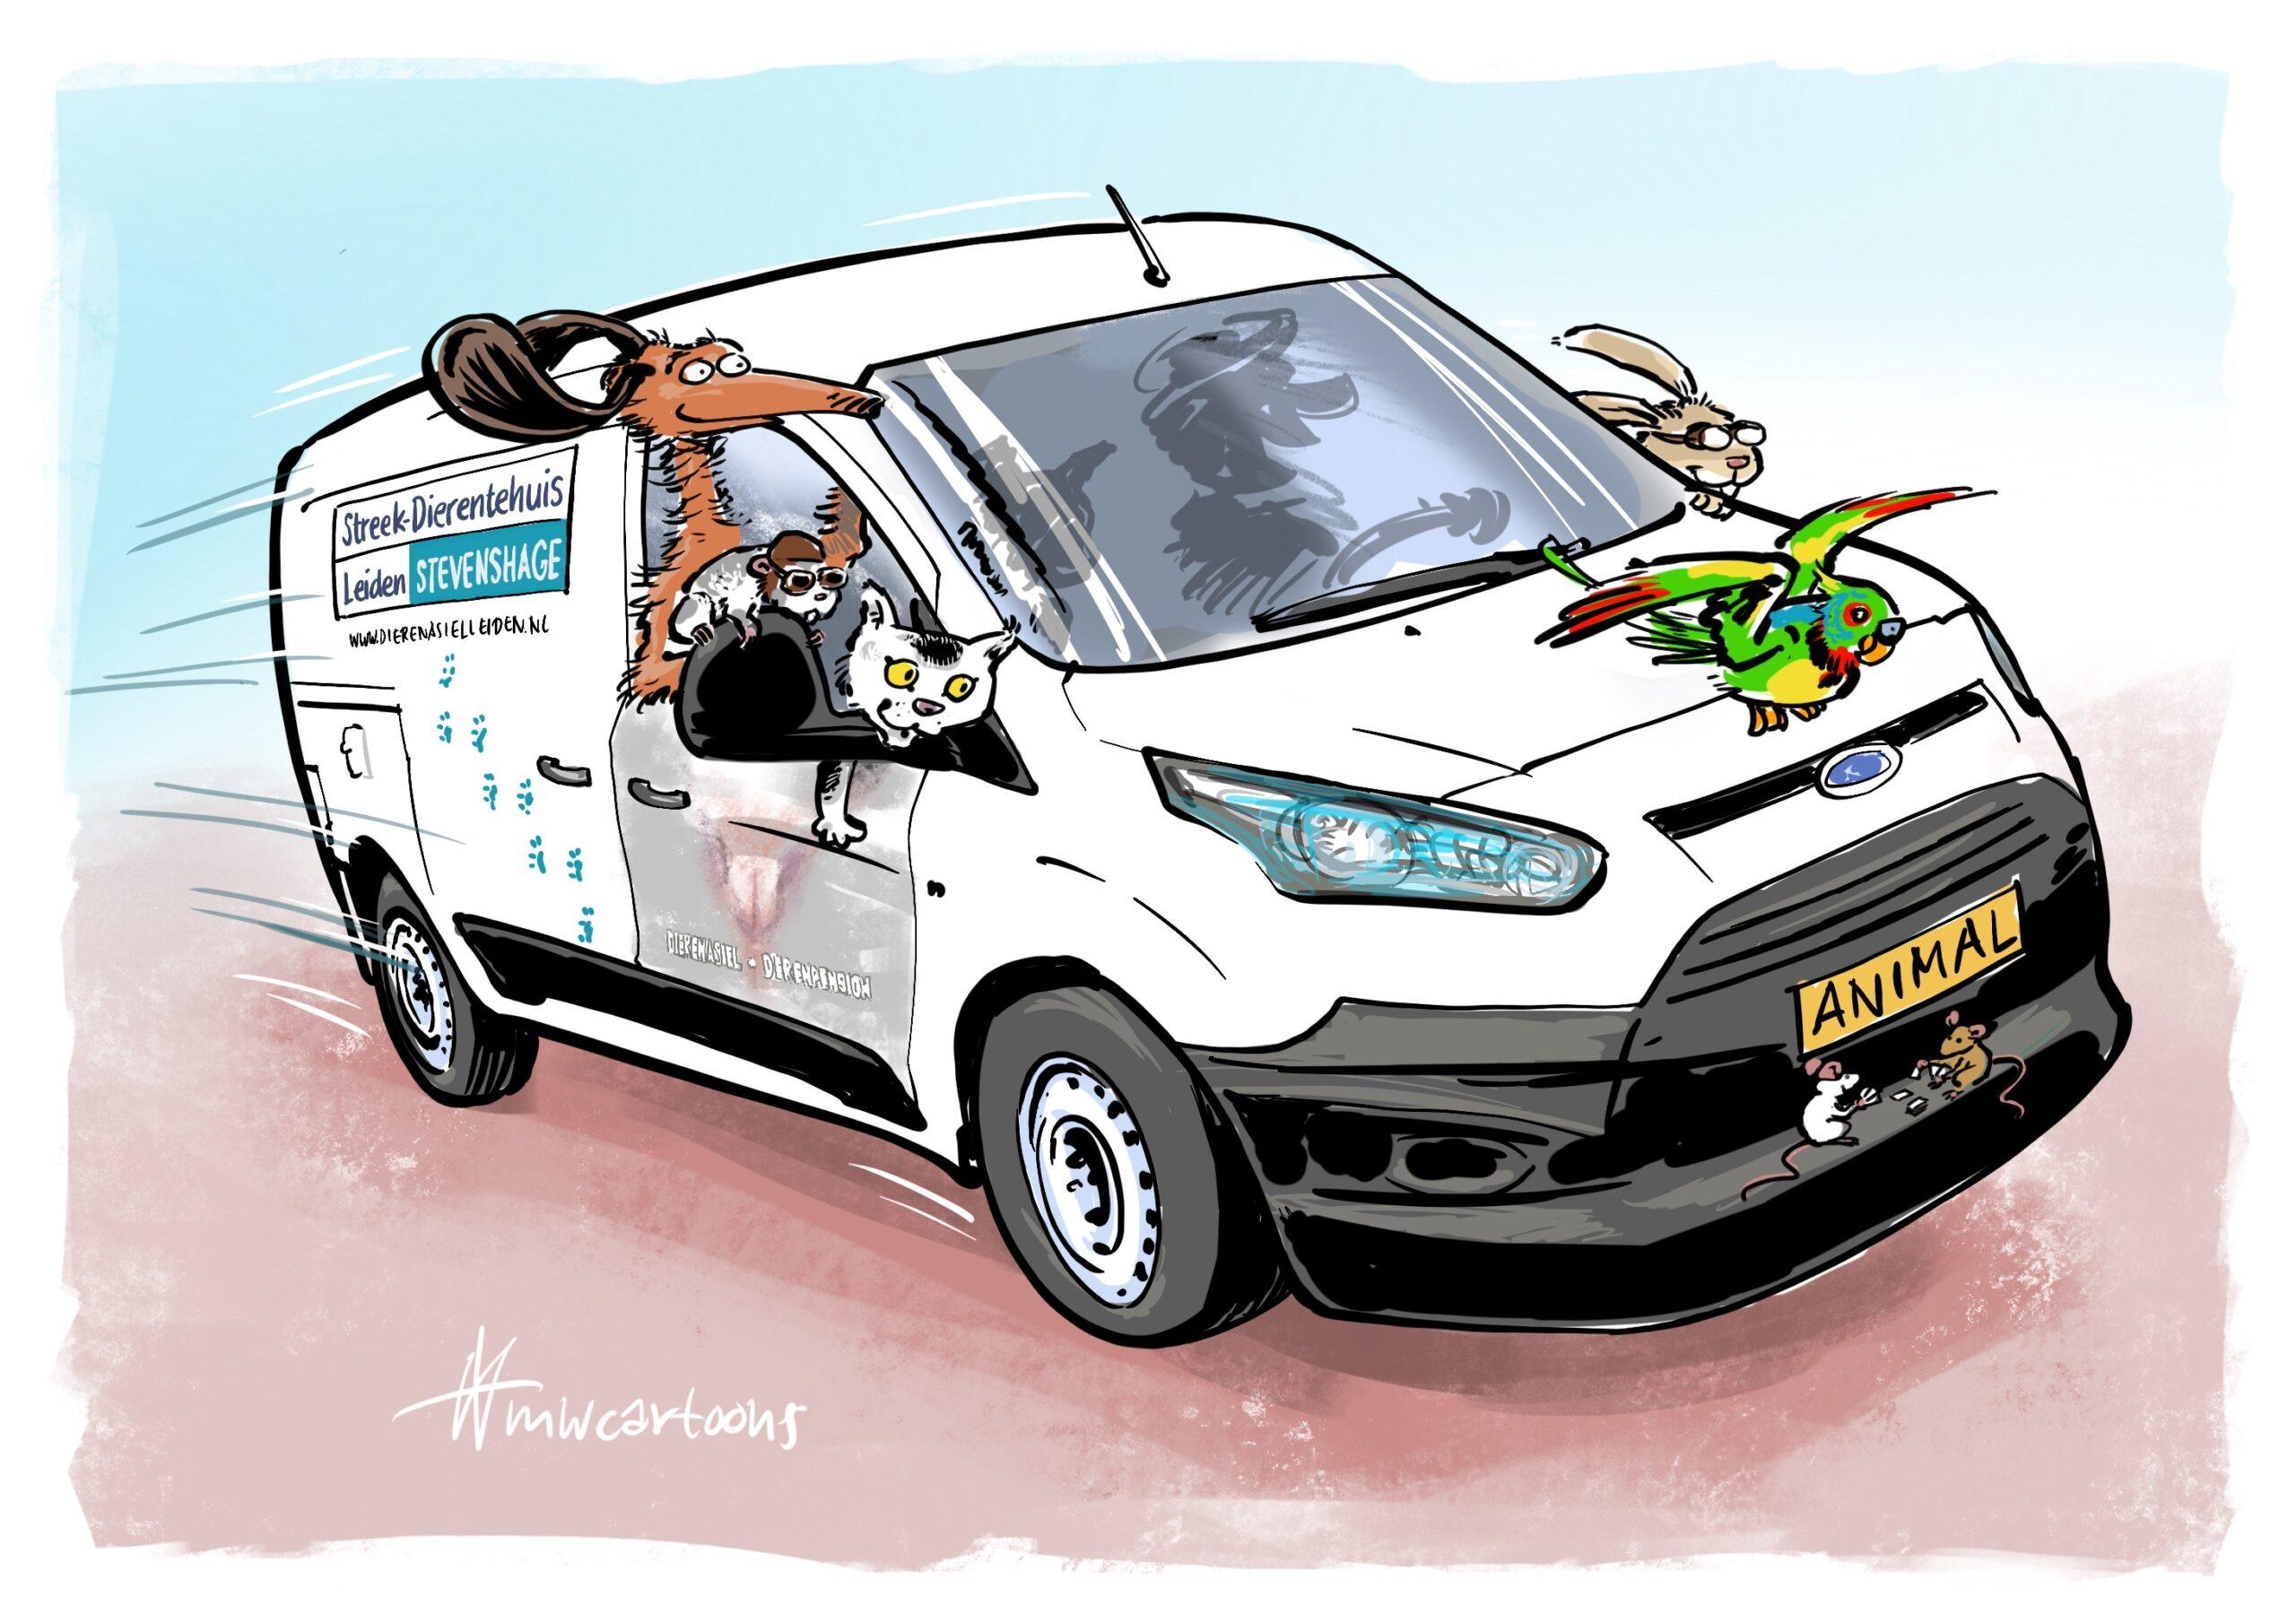 De Stevenshage asielbus, getekend door Maarten Wolterink.